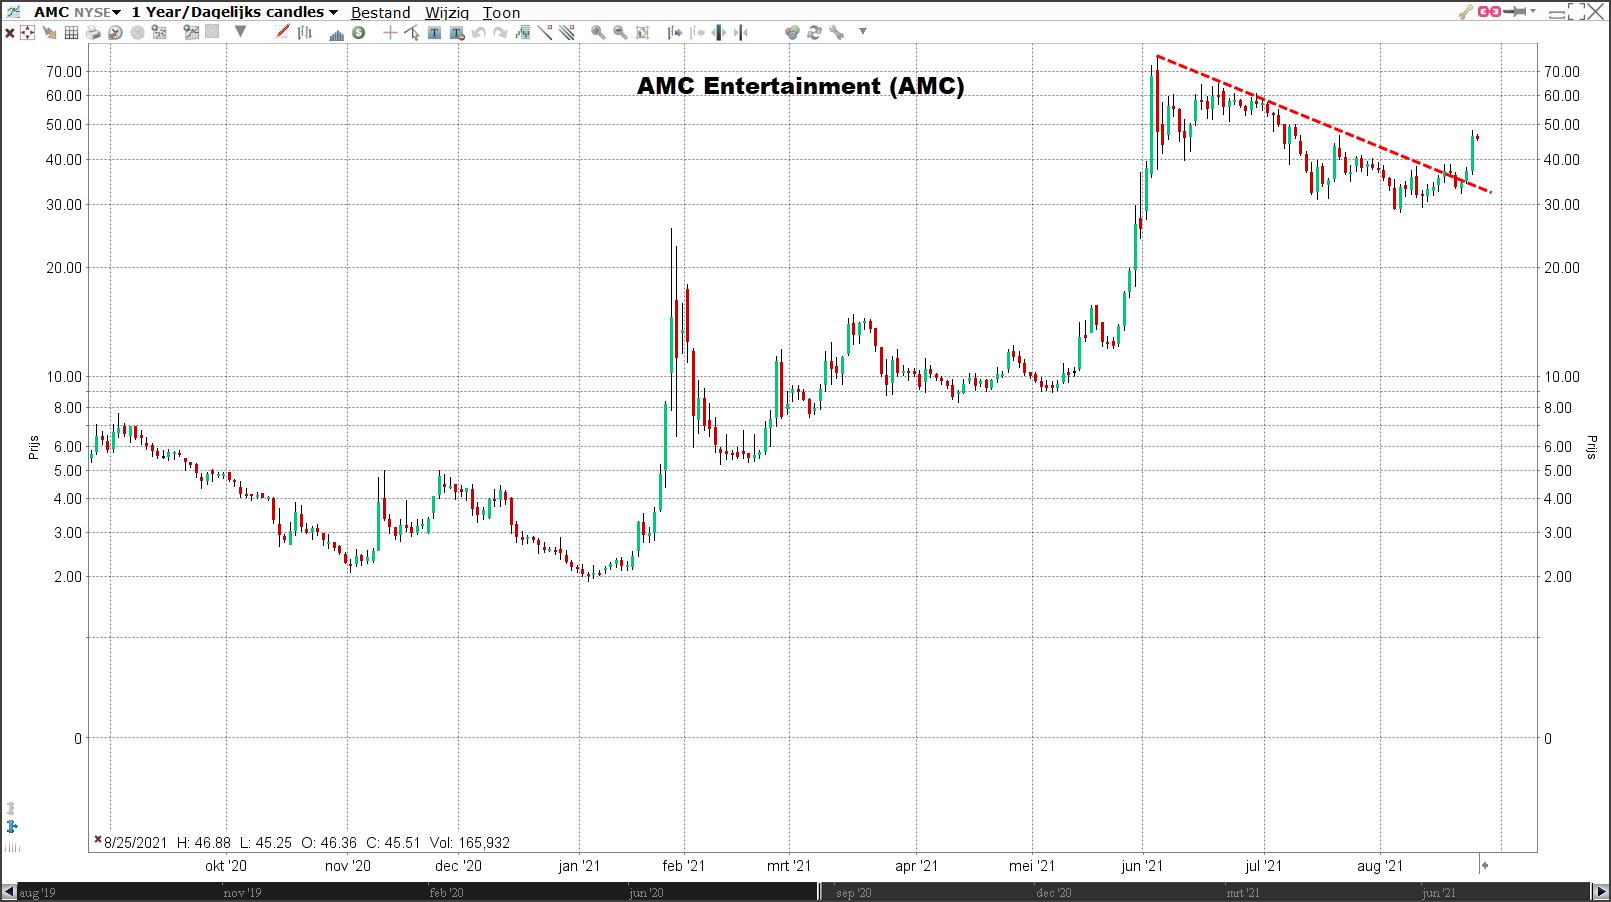 Aandeel AMC koers 24-08-2021